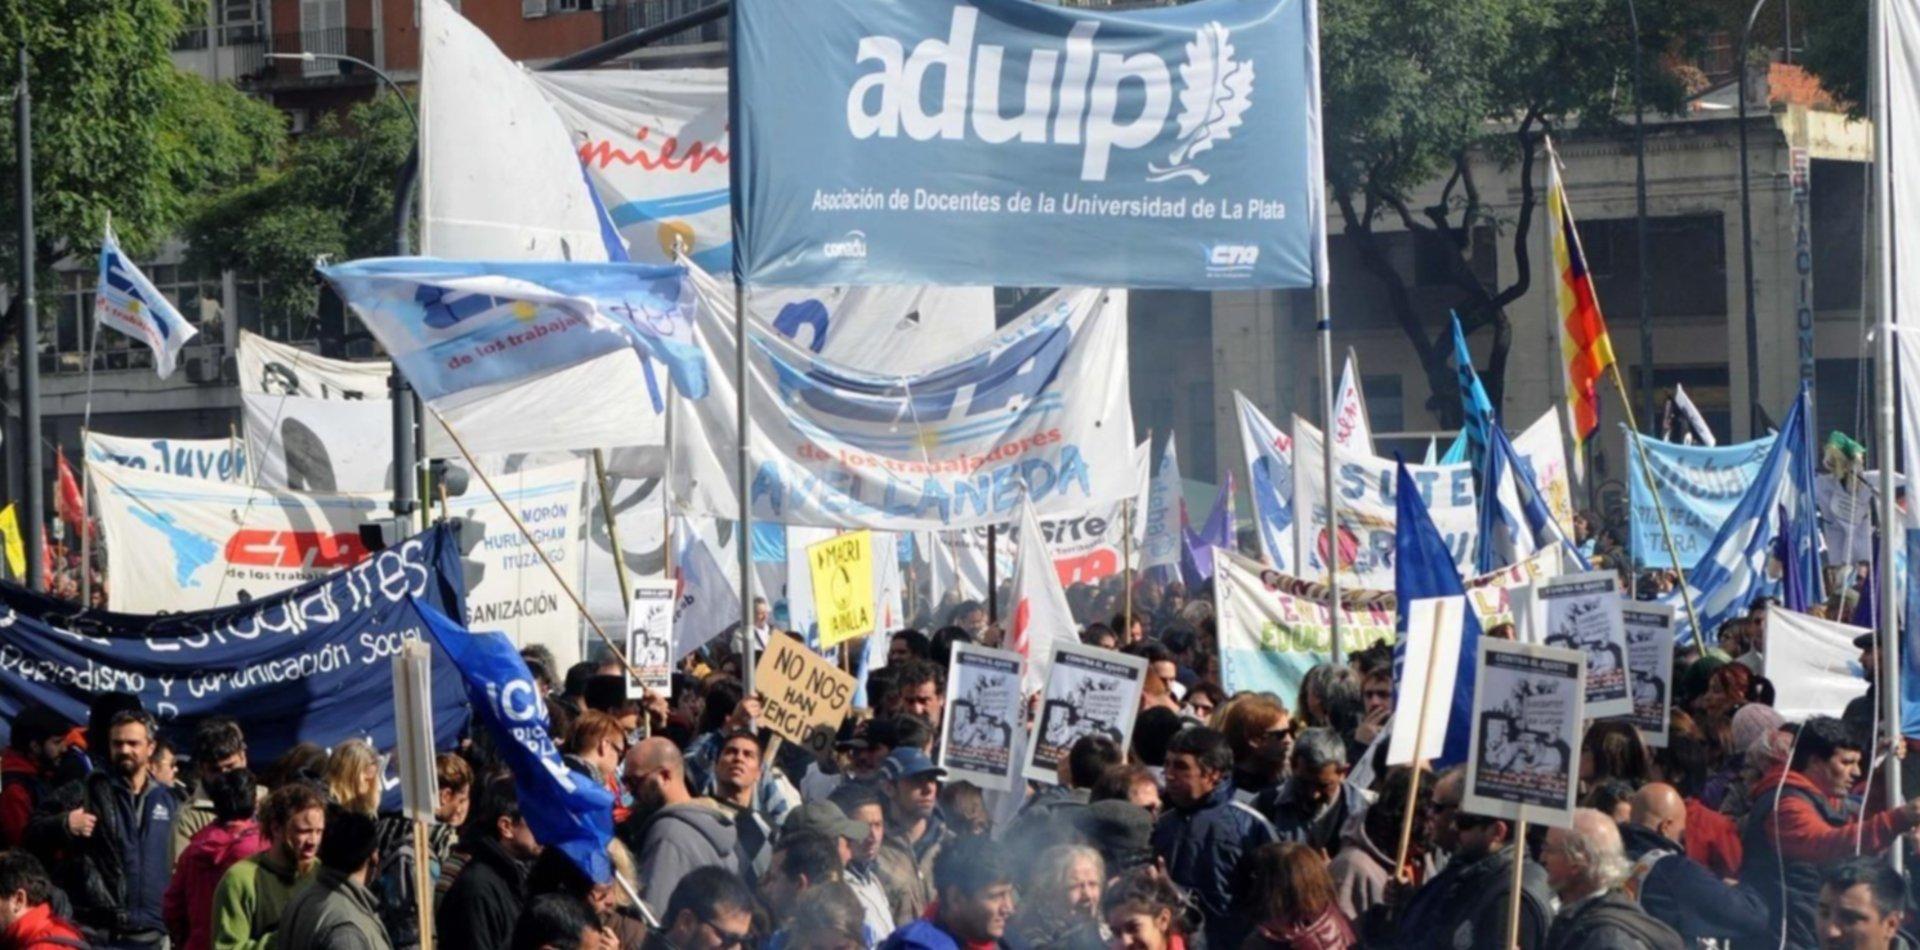 El Gobierno presentó una nueva oferta salarial y ahora definen los Universitarios